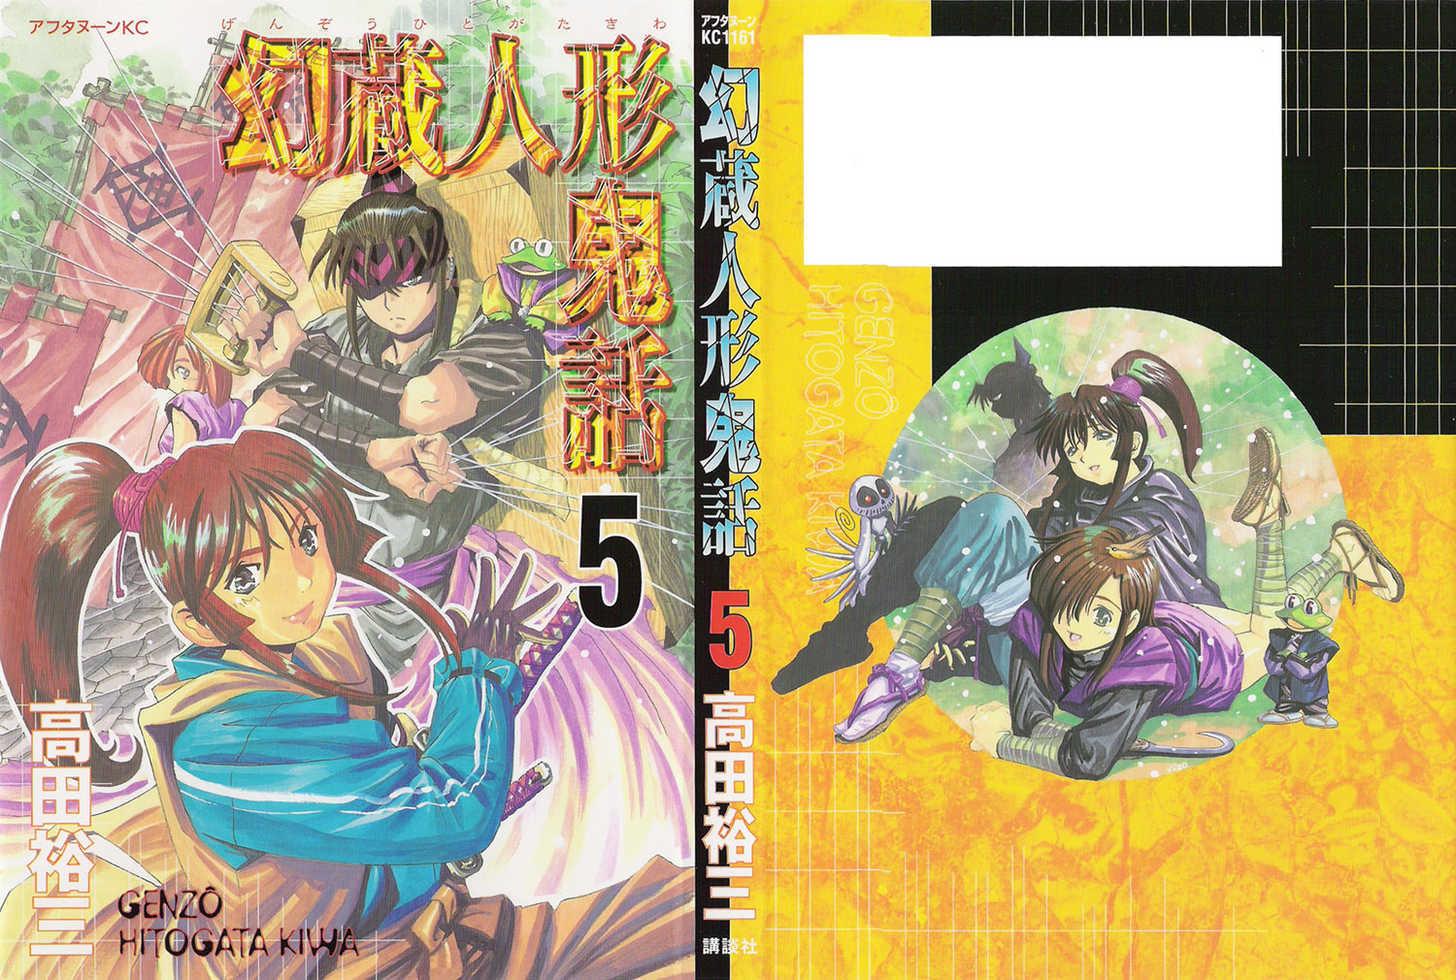 Genzo Hitogata Kiwa 9.6 Page 1